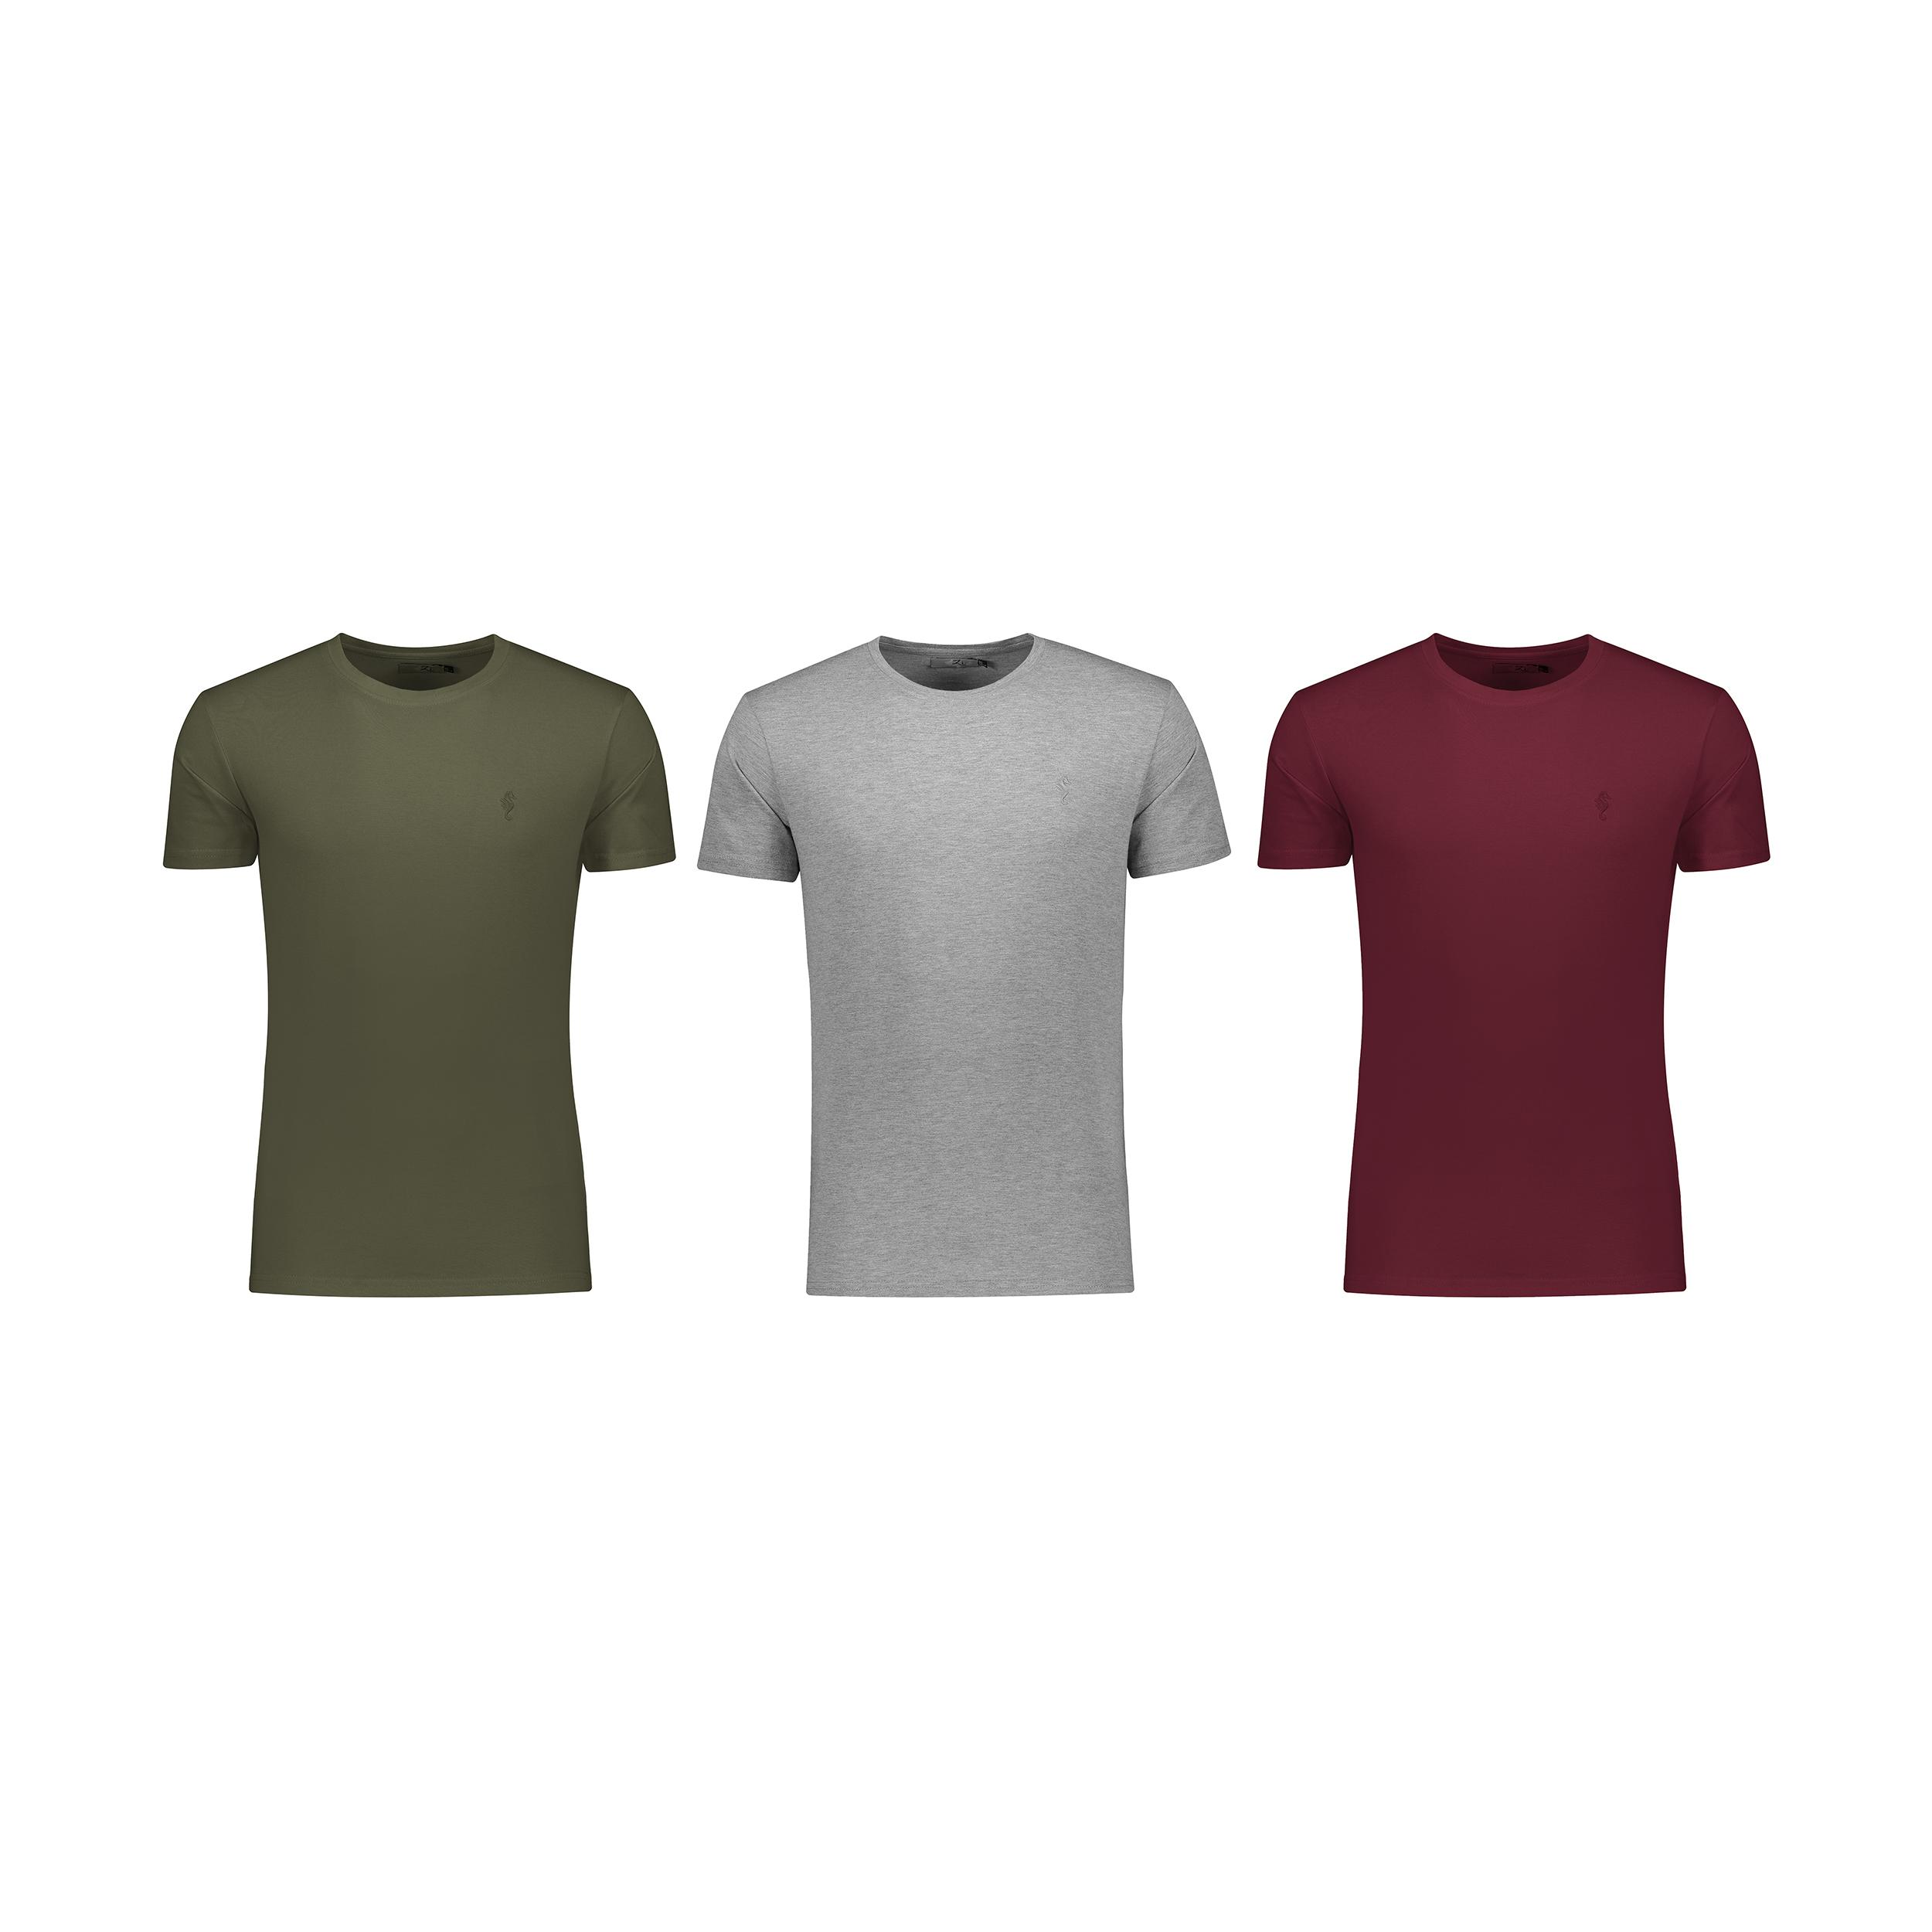 تی شرت مردانه زی مدل 1531199MC بسته 3 عددی